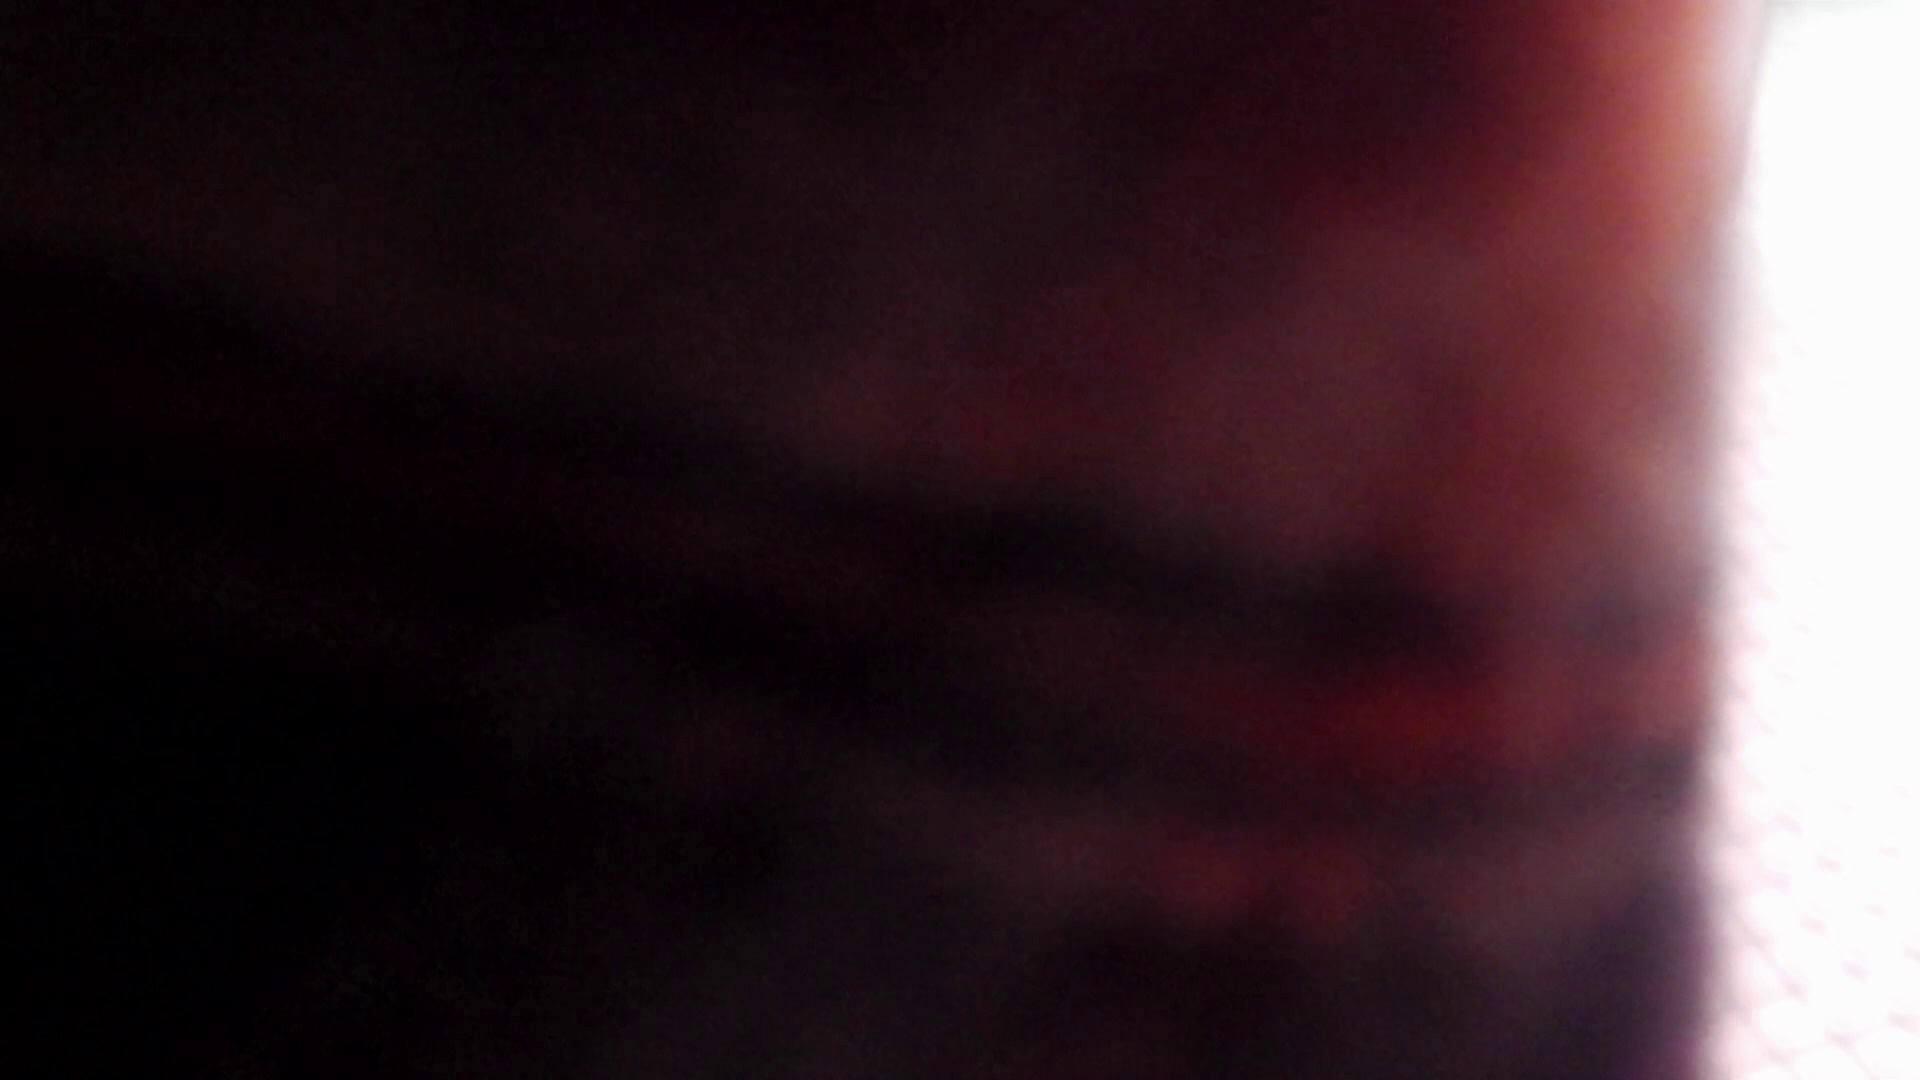 ▲復活限定▲マンコ丸見え!花火大会潜入撮 Vol.02 明るい場所に移動! お姉さん  62PIX 34